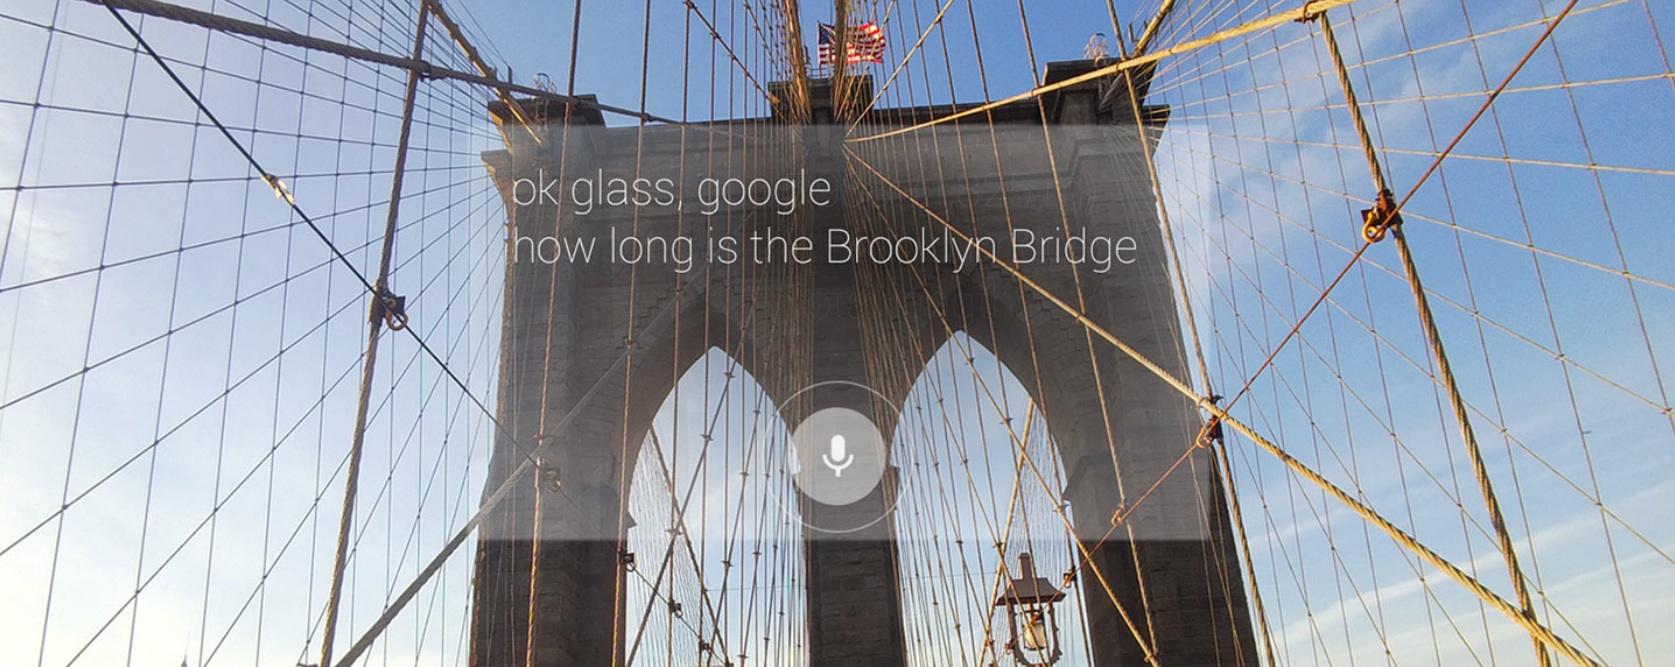 """Quellcode für Google Glass: """"Macht was Verrücktes damit"""" - So soll die Welt mit Google Glass aussehen."""